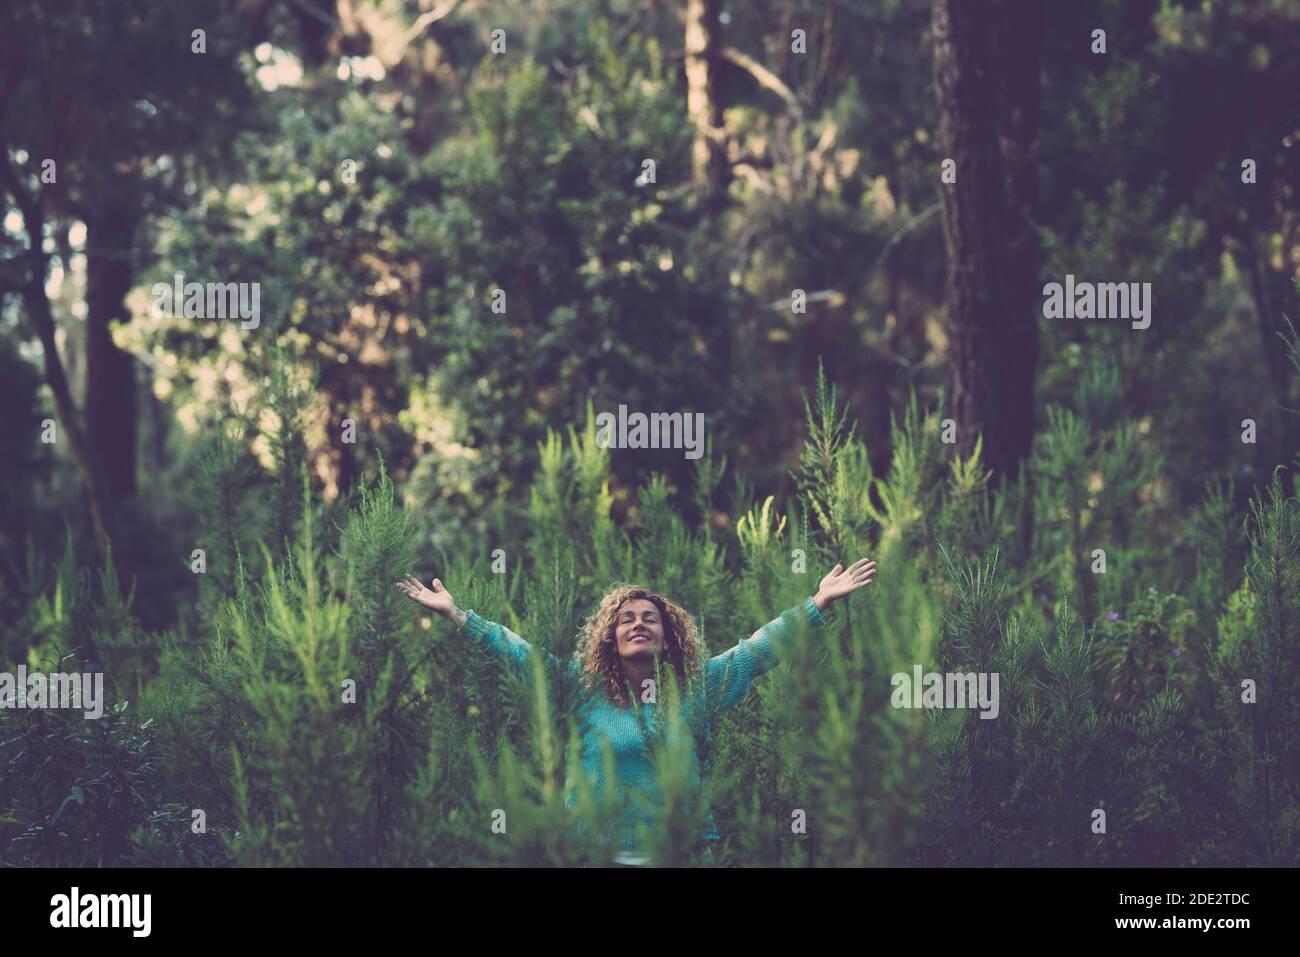 Embrasser l'extérieur et l'amour de la nature concept avec la belle femme heureuse au milieu d'une forêt arbres bois au total bonheur et joie - le jour de la terre cel Banque D'Images